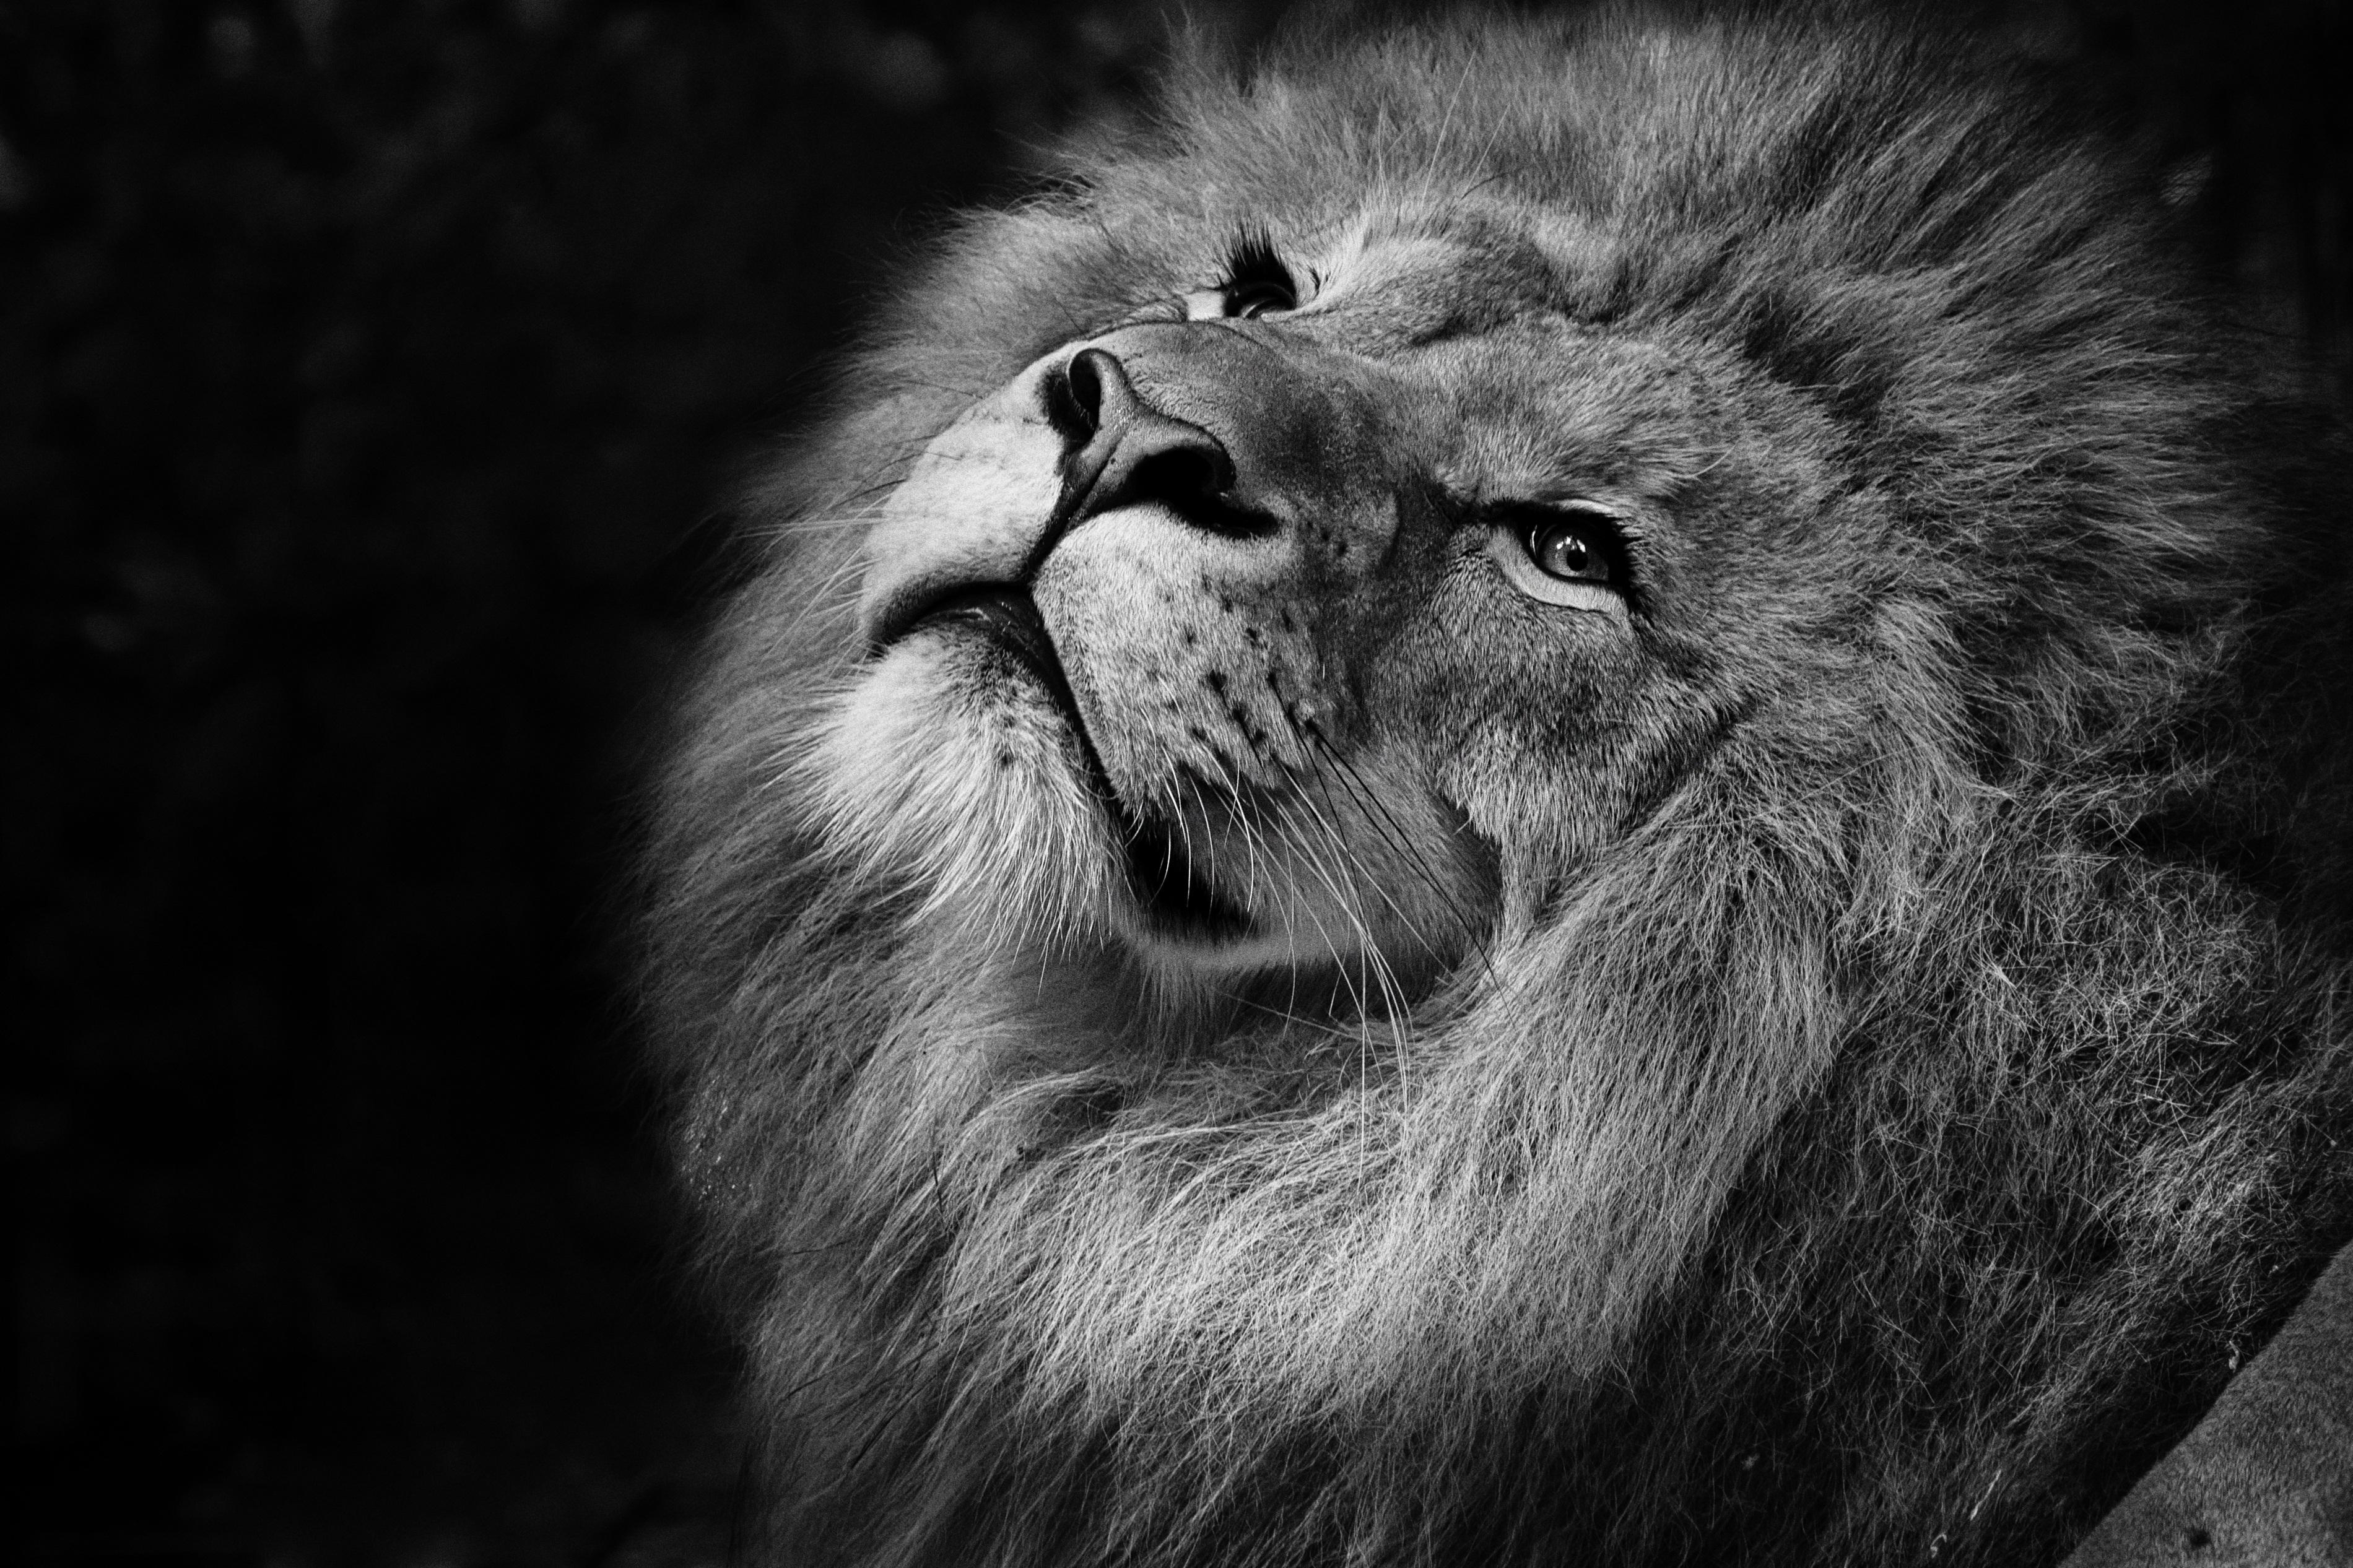 131147 Protetores de tela e papéis de parede Rei Das Feras em seu telefone. Baixe Animais, Leão, Focinho, Um Leão, Bw, Chb, Juba, Rei Das Feras, Rei Das Bestas fotos gratuitamente